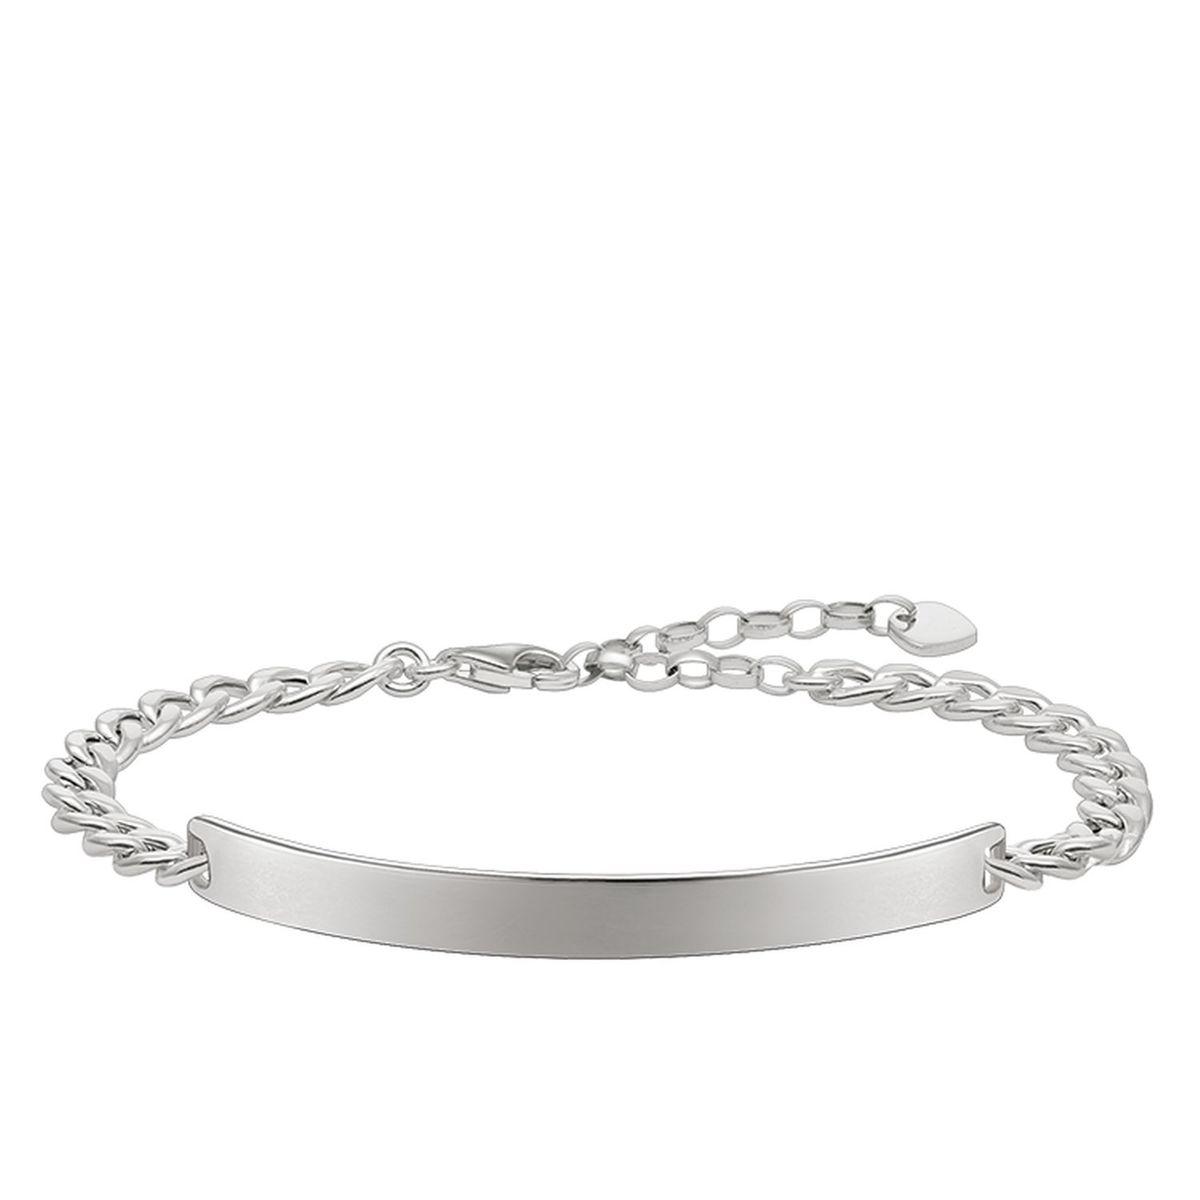 THOMAS SABO Bracelet Argent sterling 925 19 LBA0106-001-12-L19v